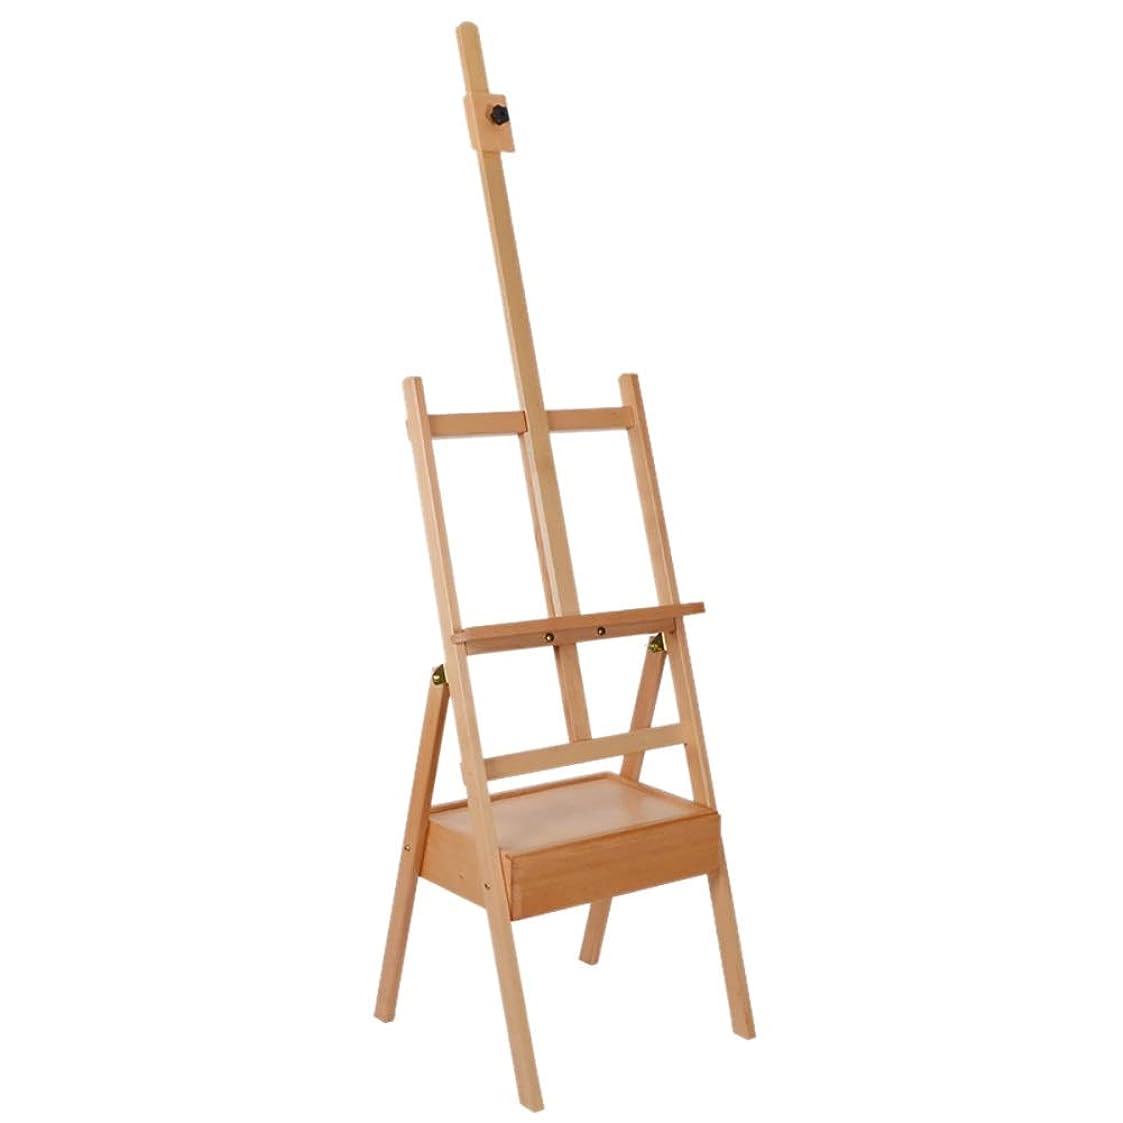 過度にキャップ絶縁するイーゼル 木のイーゼルの三脚のスタジオの愛好家の高さ調節可能、絵画、表示および設計のための分野のイーゼル